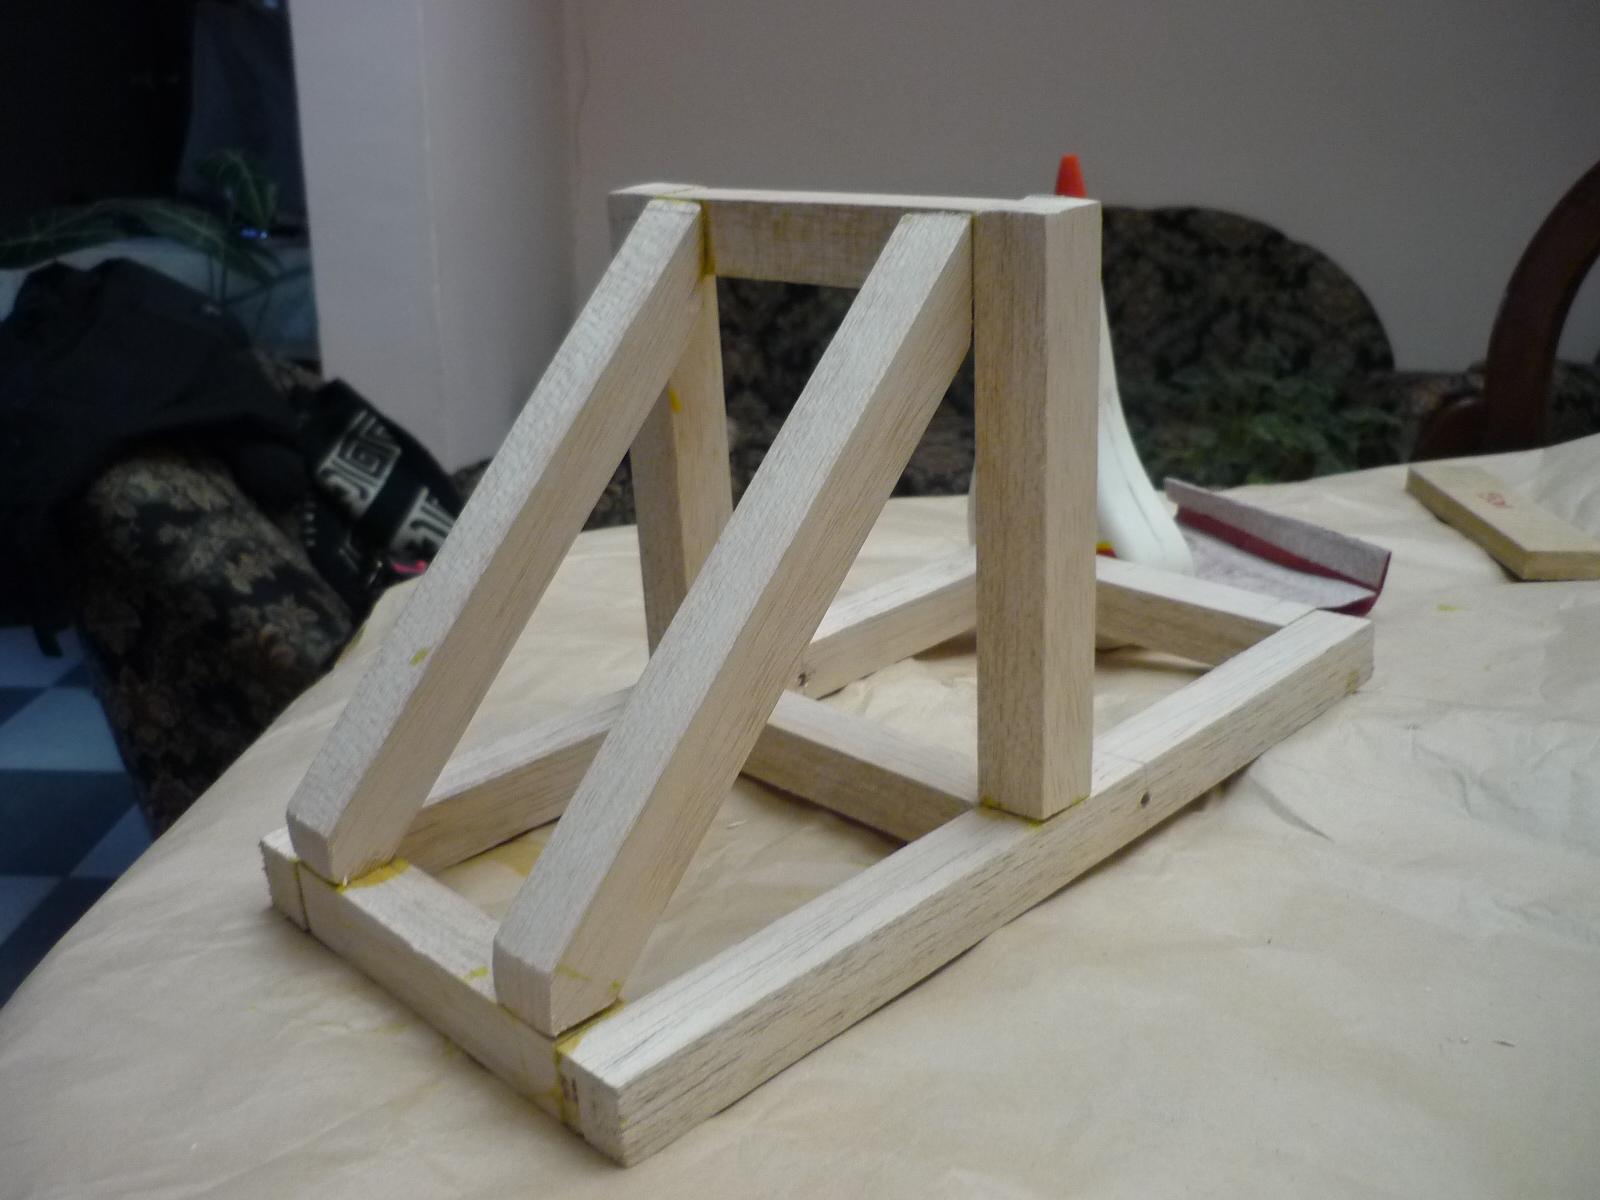 Como hacer una catapulta - Construir en madera ...